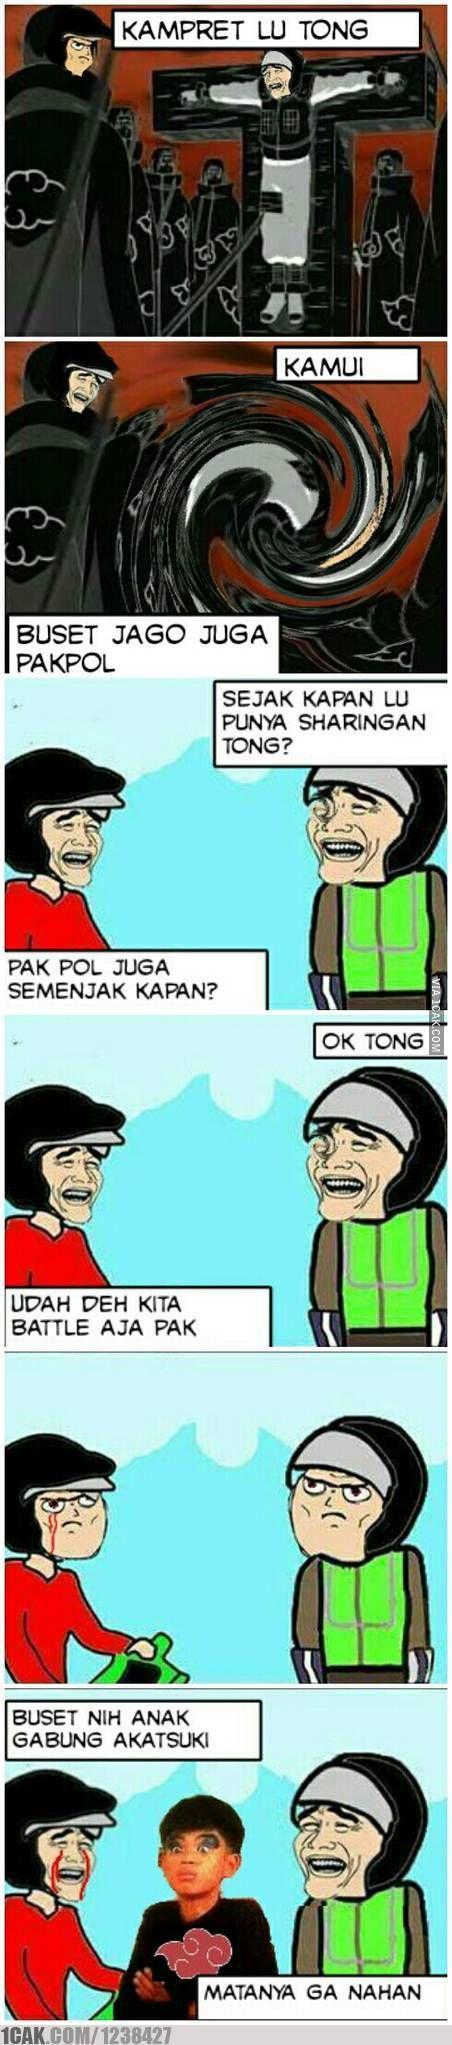 Petarungan Otong Dan Pakpol Meme Indonesia Lucu V V Pinterest